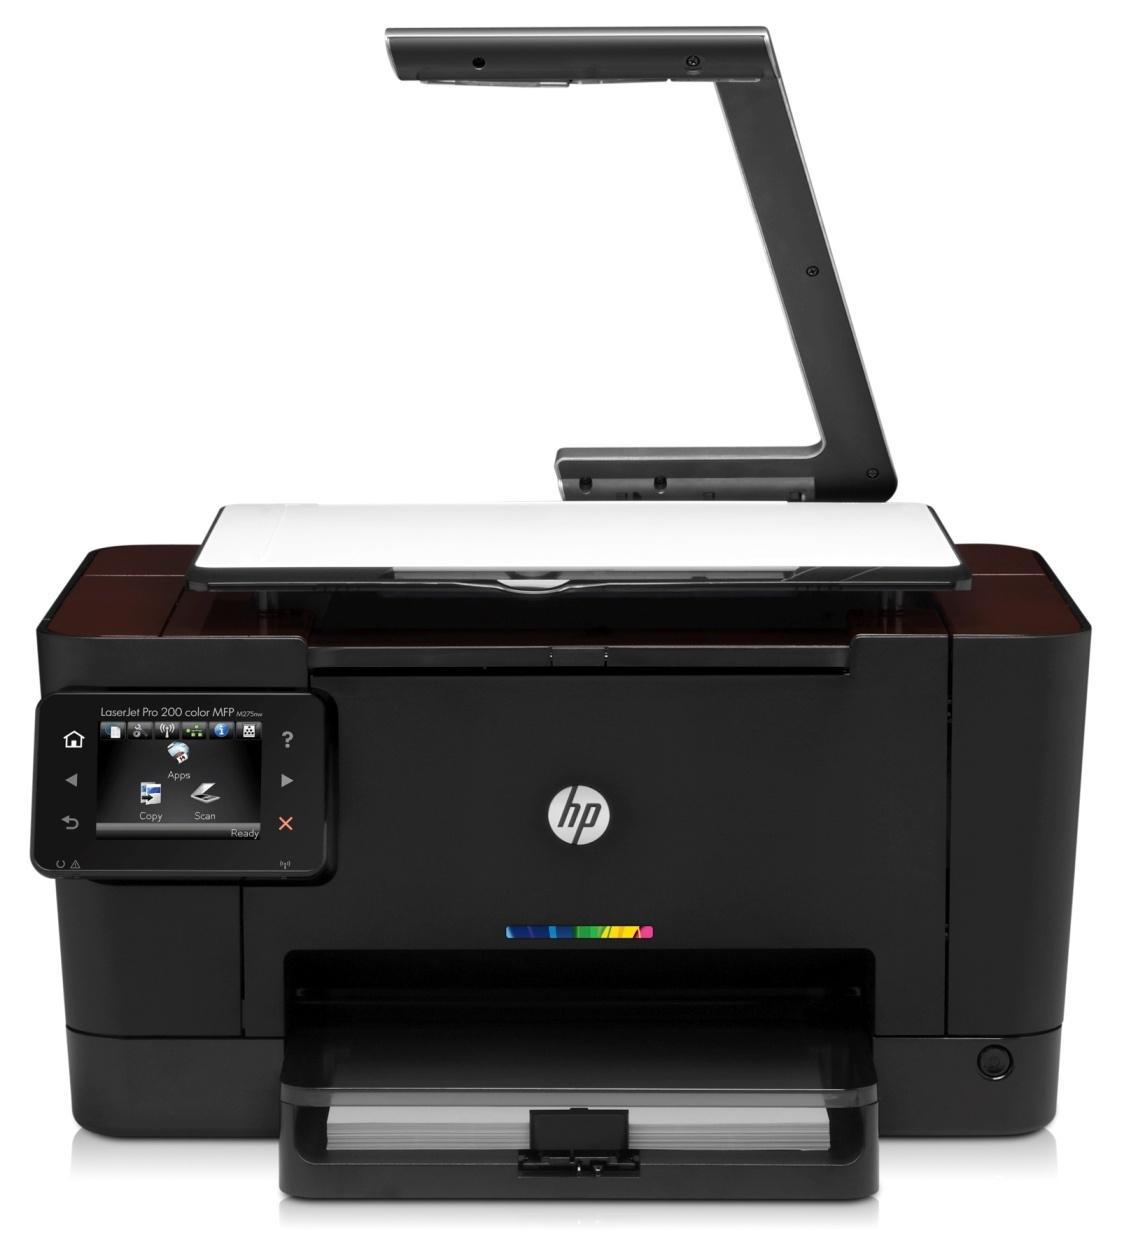 Принтер HP LaserJet Pro 200 color MFP M275nw